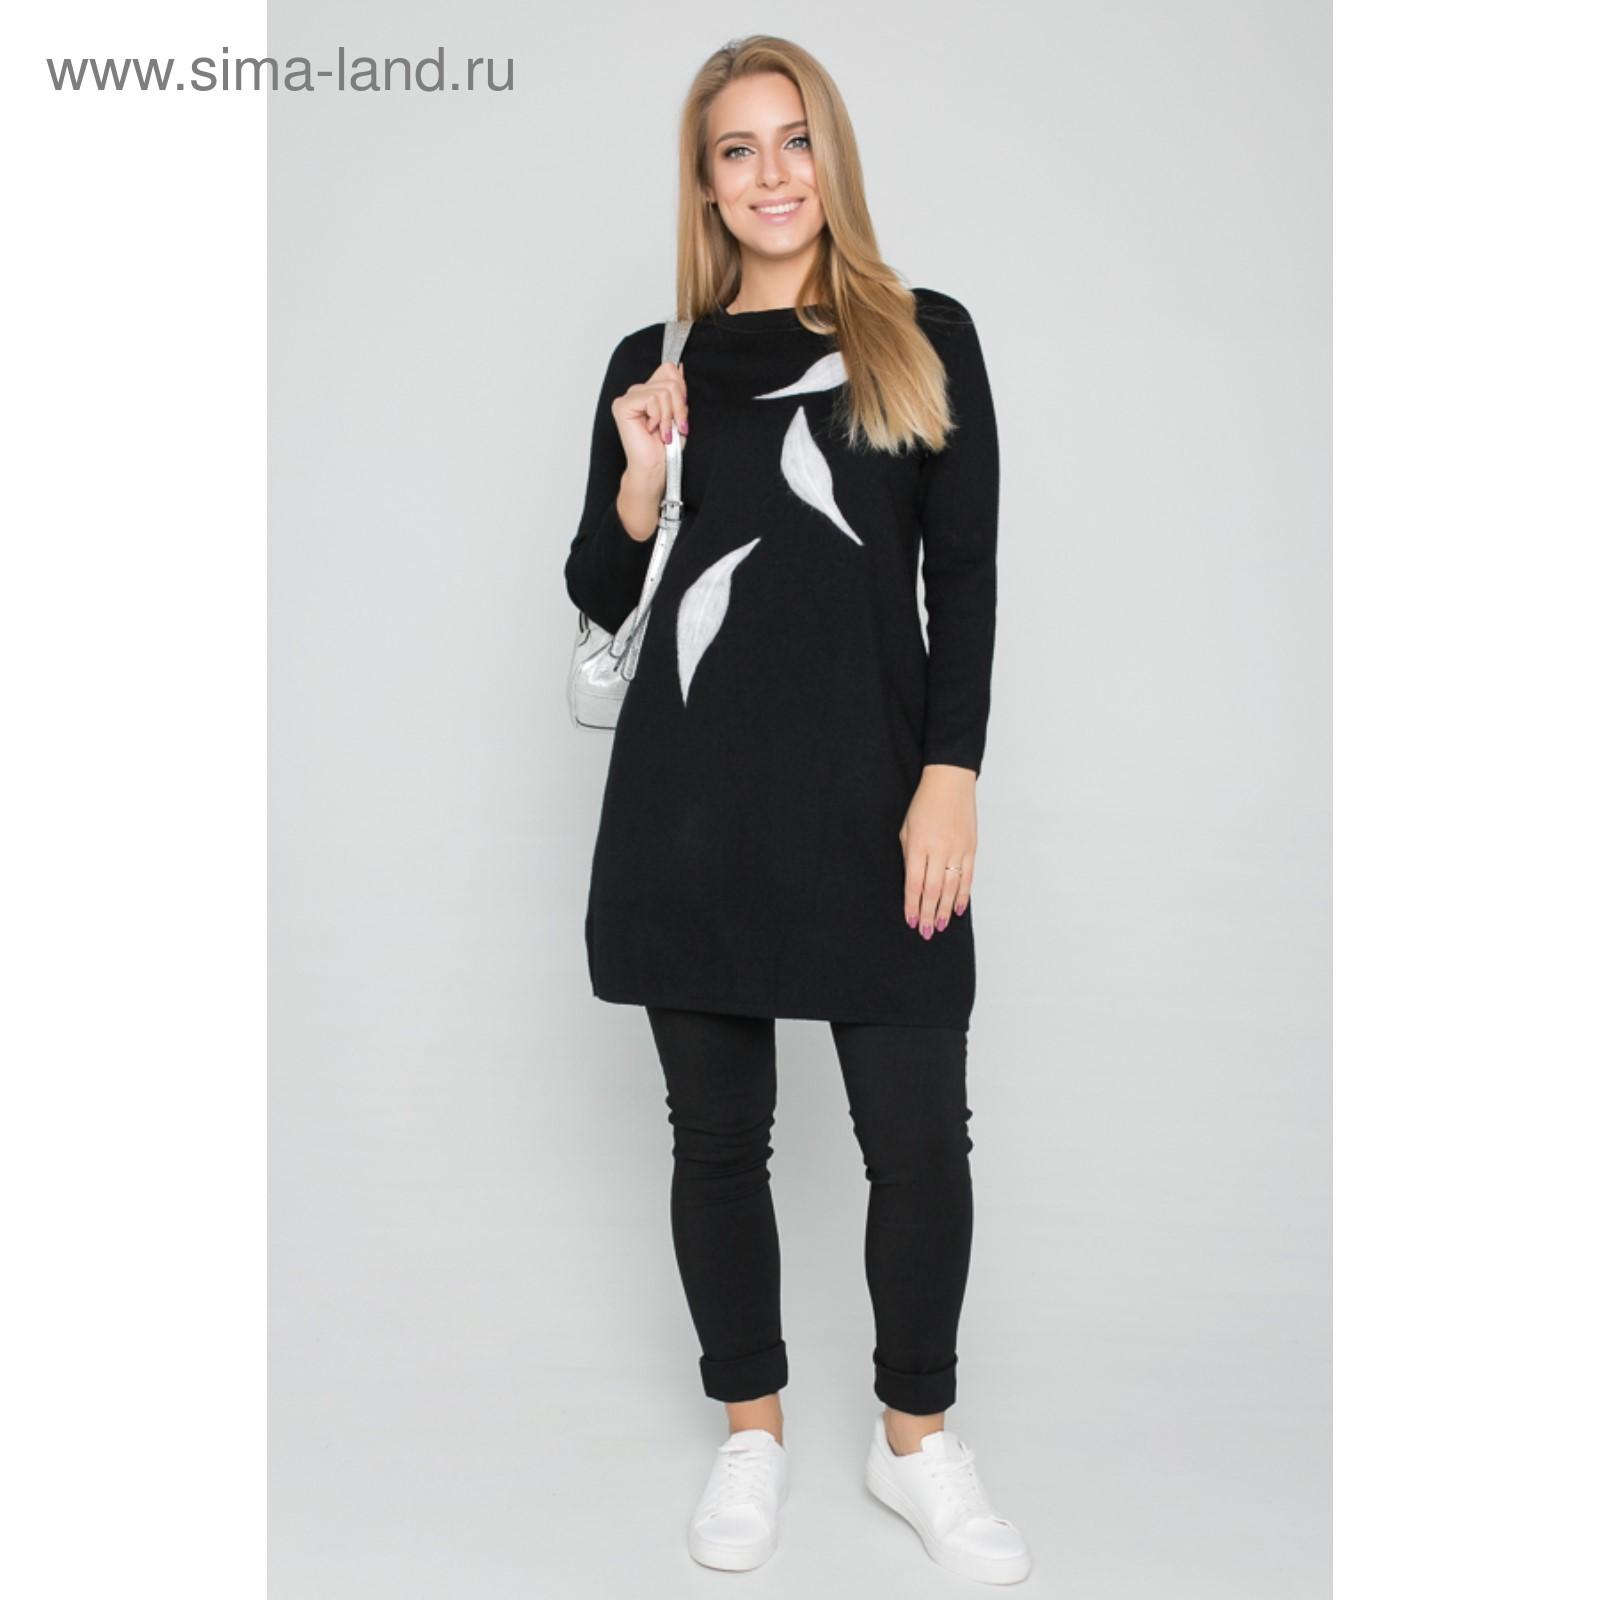 Платье-туника женское, размер XL (40530) - Купить по цене от 1917.00 ... de51fce304d